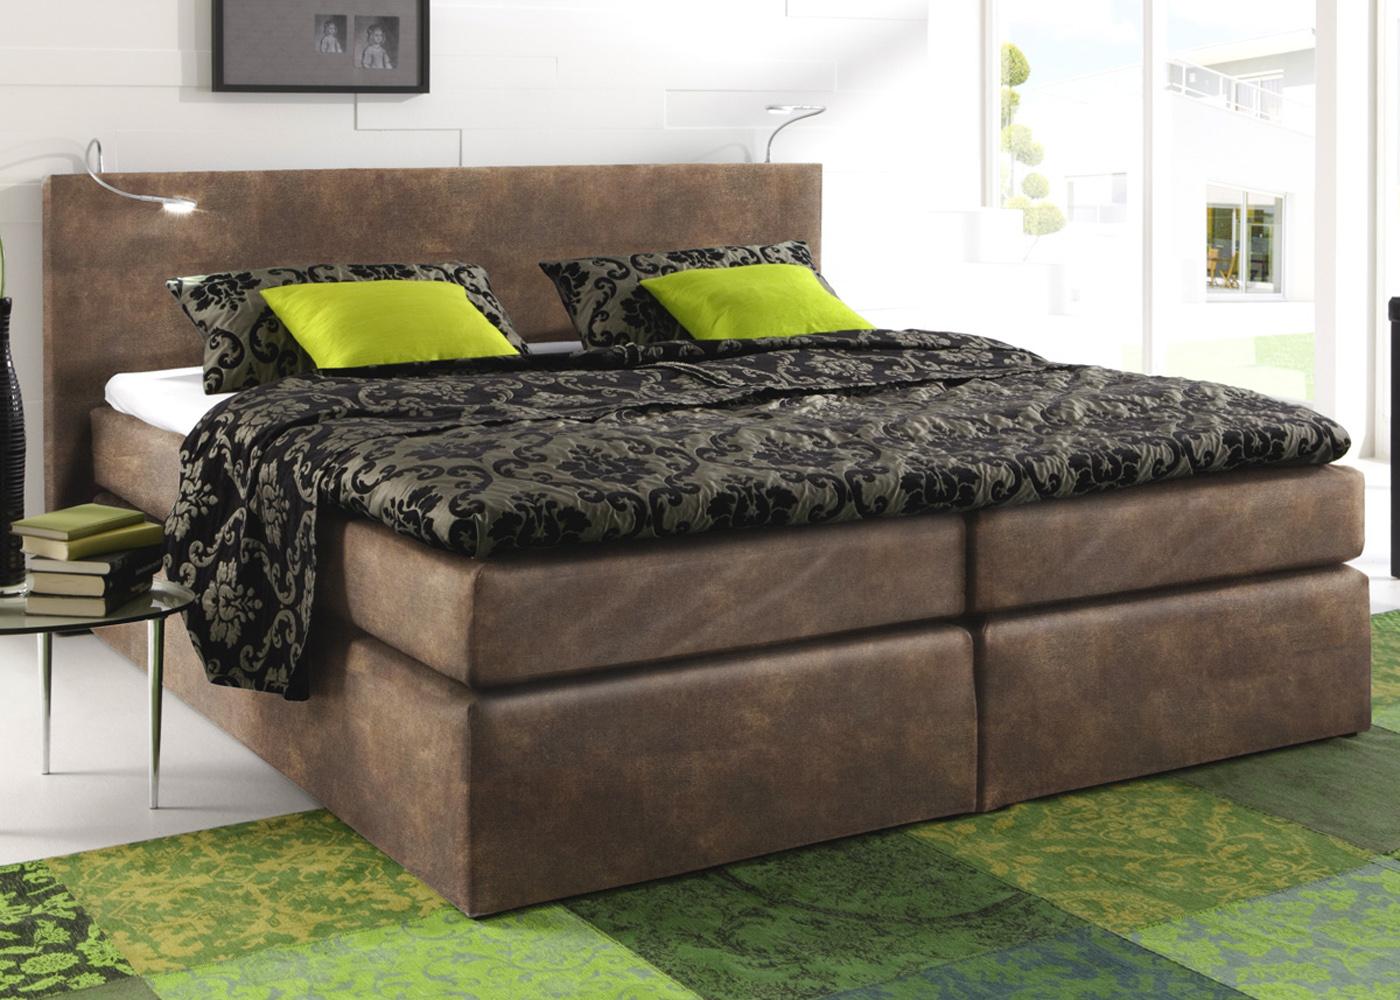 boxspringbett atlanta hotelbett schlafzimmer doppelbett. Black Bedroom Furniture Sets. Home Design Ideas